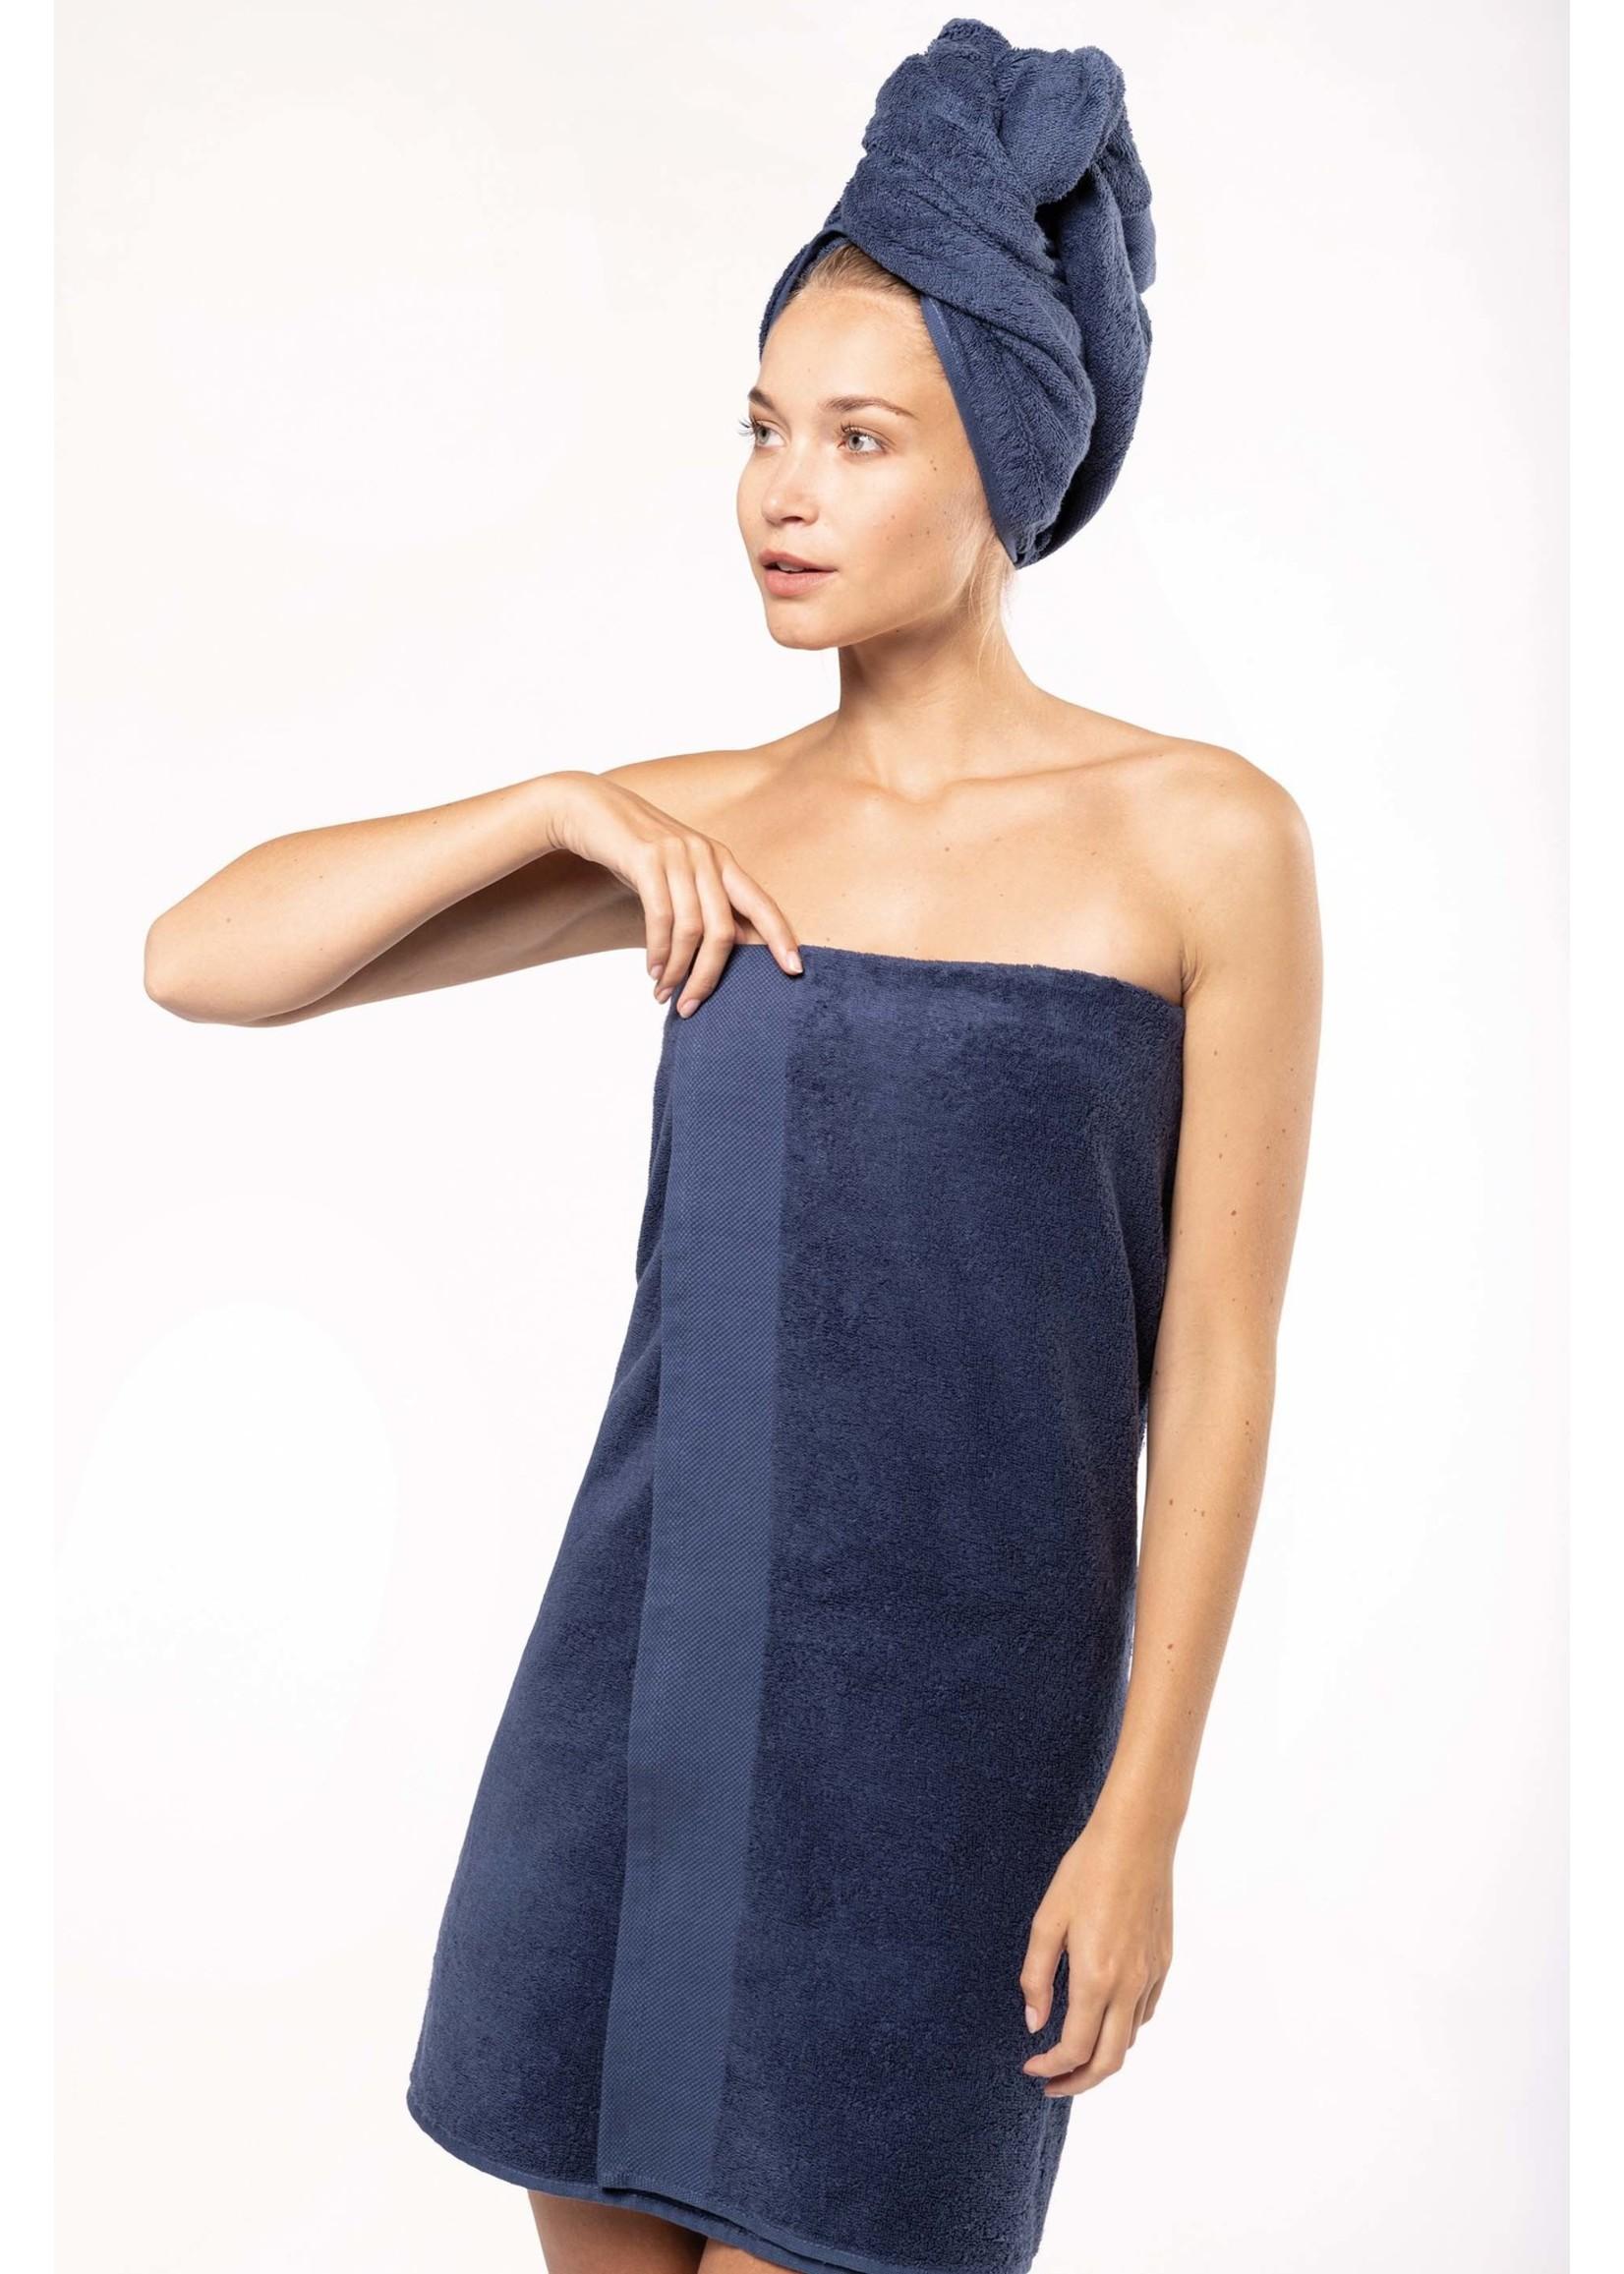 Eco-Friendly Handdoek 140 x 70 cm kleur: Black , is te bedrukken